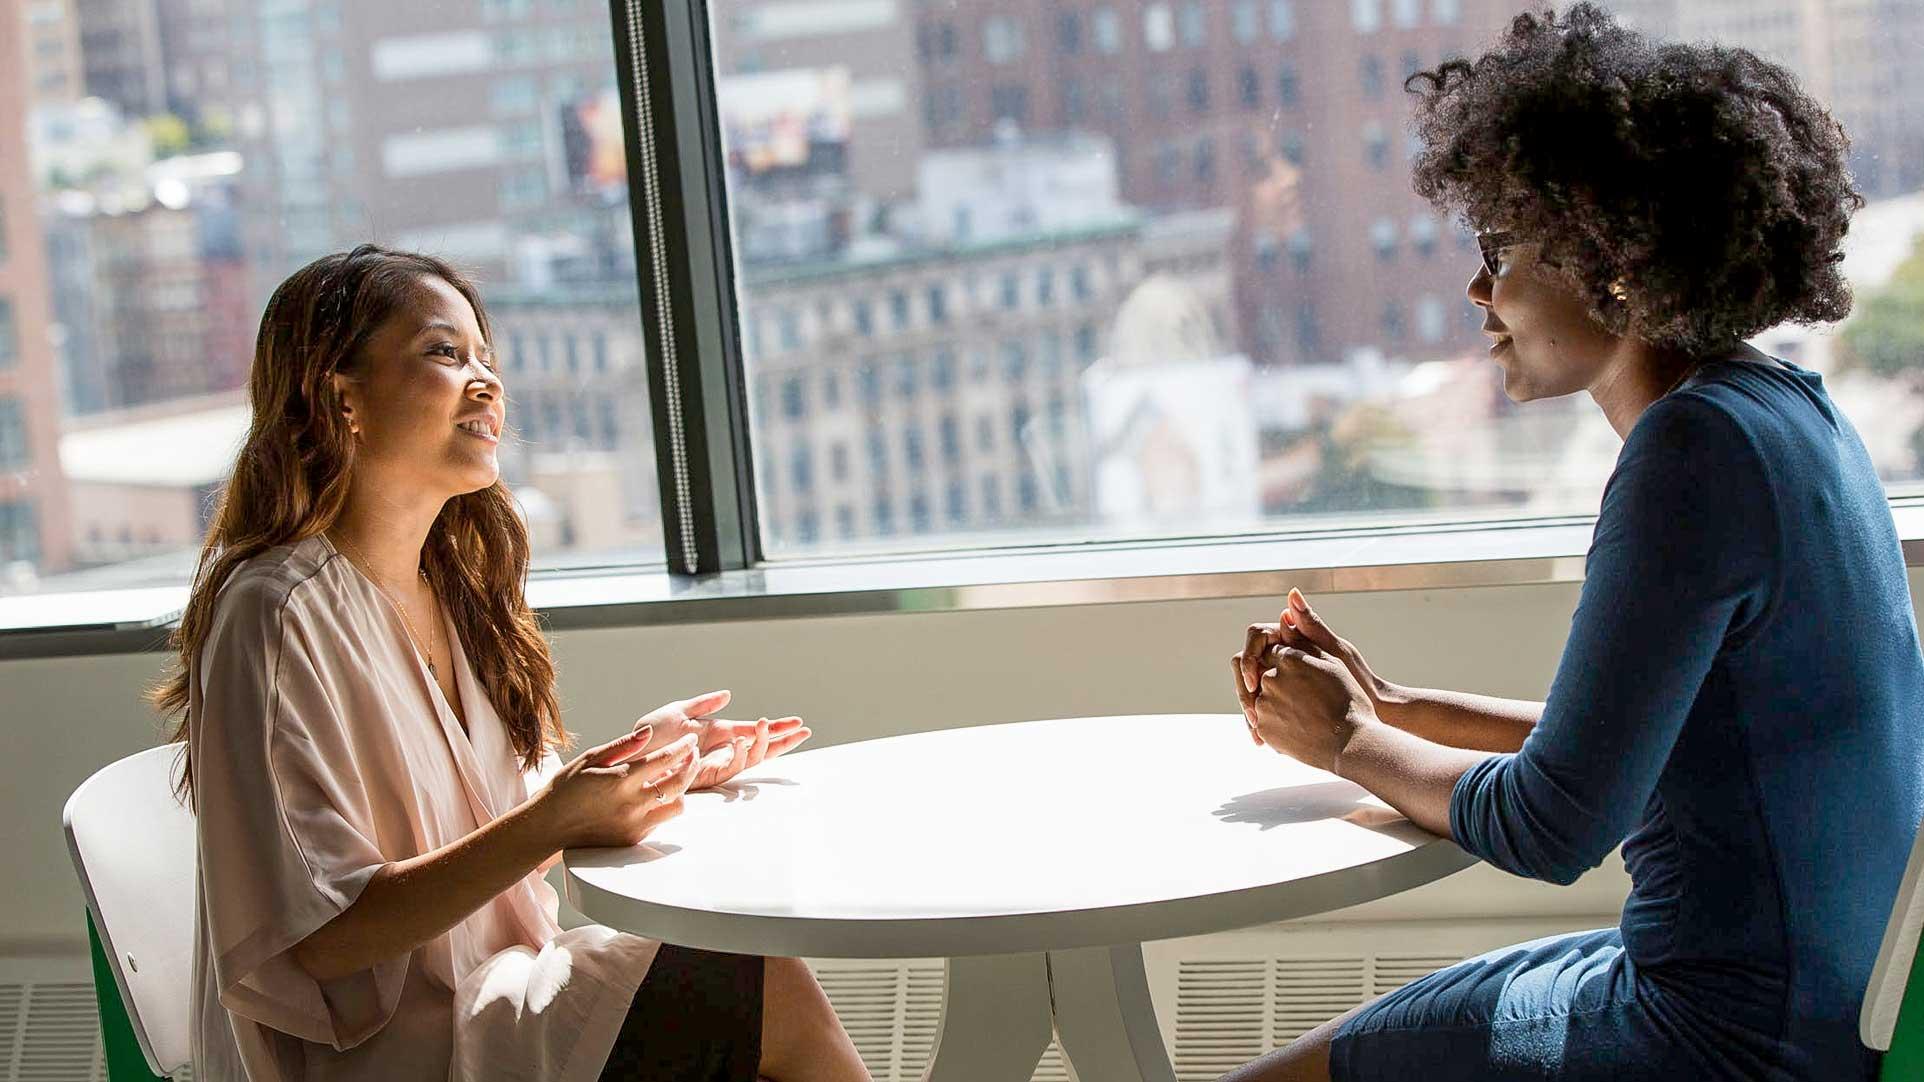 Twee vrouwen aan een ronde tafel die een conversatie aan het voeren zijn.